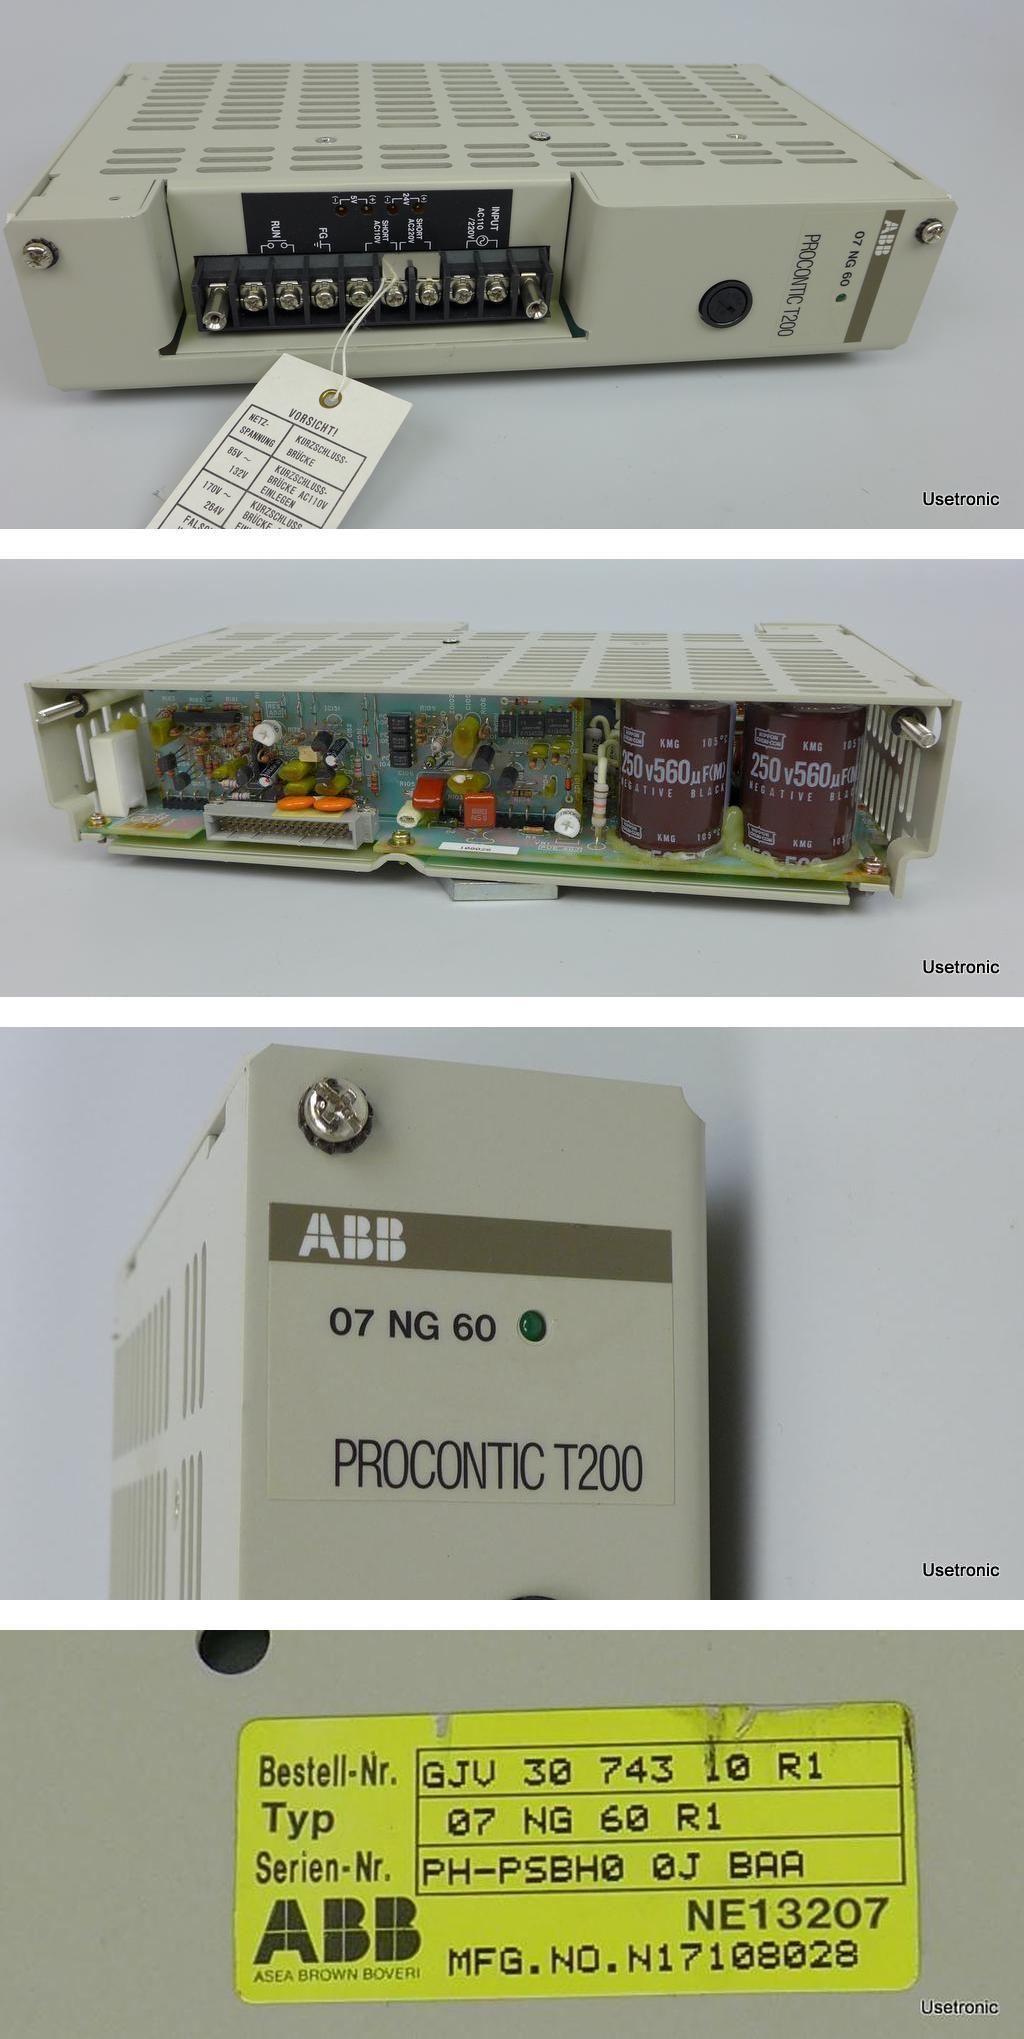 ABB Procontic T200 07NG60